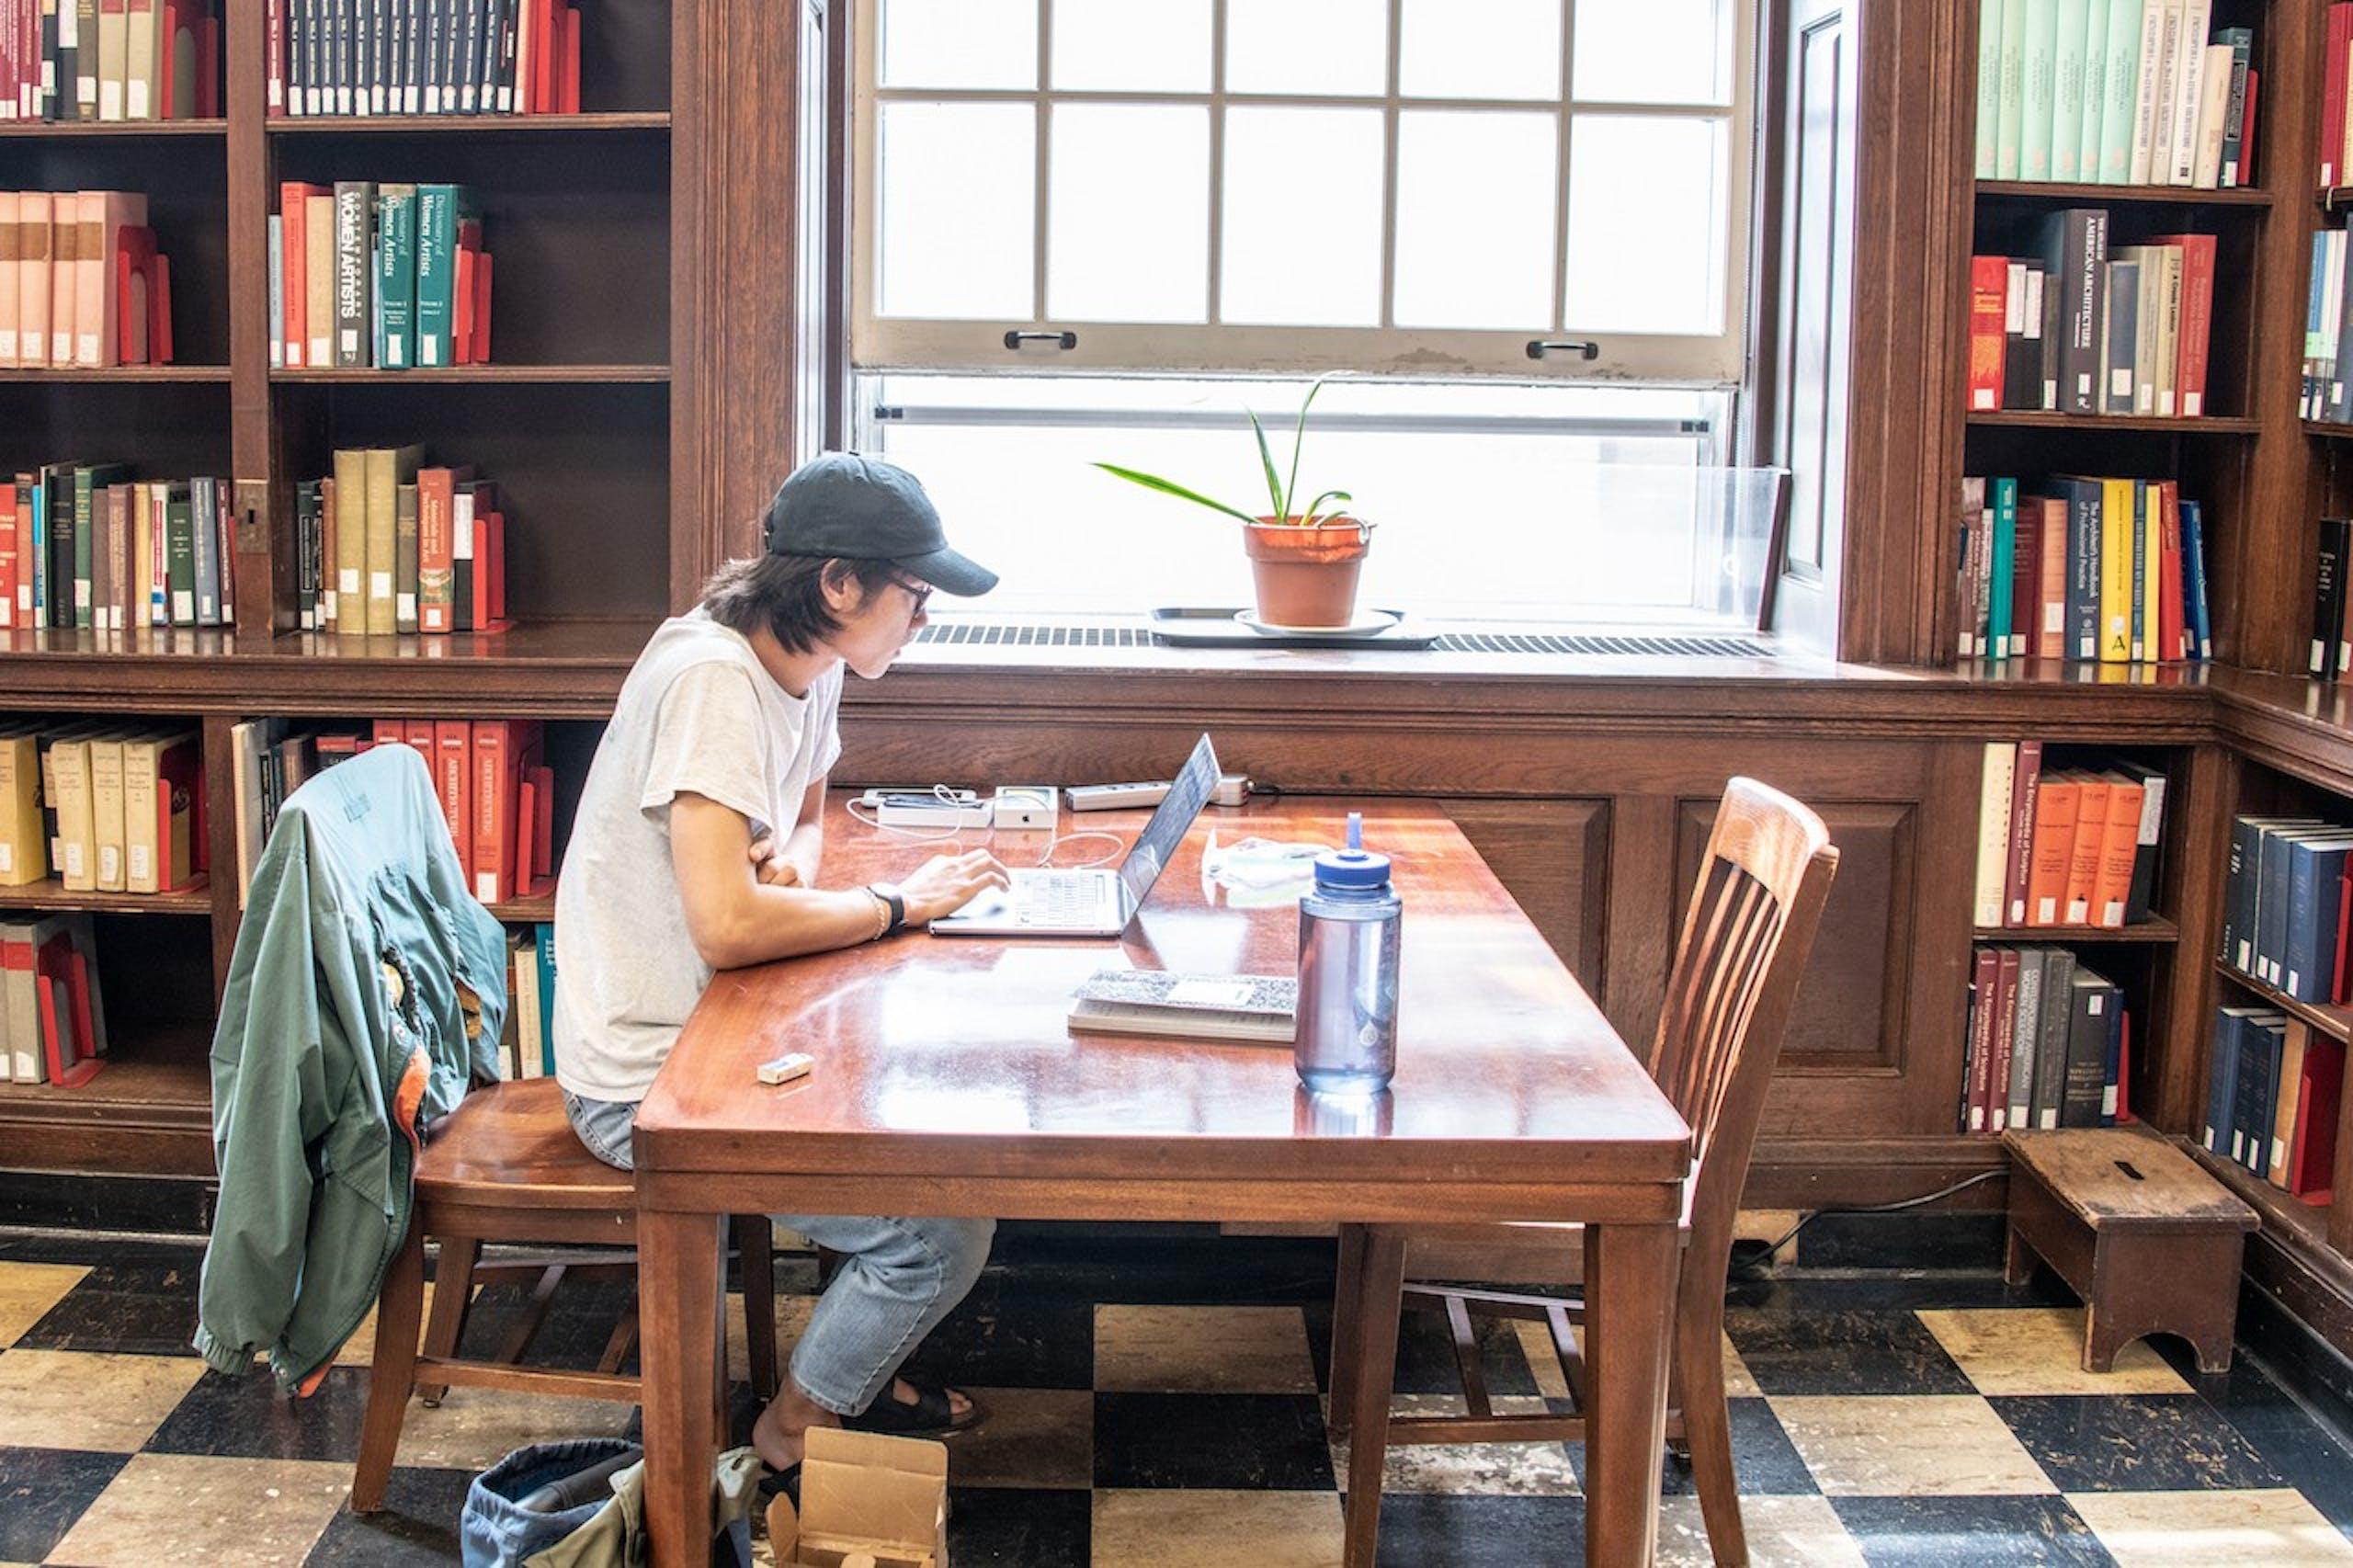 library_courtesy